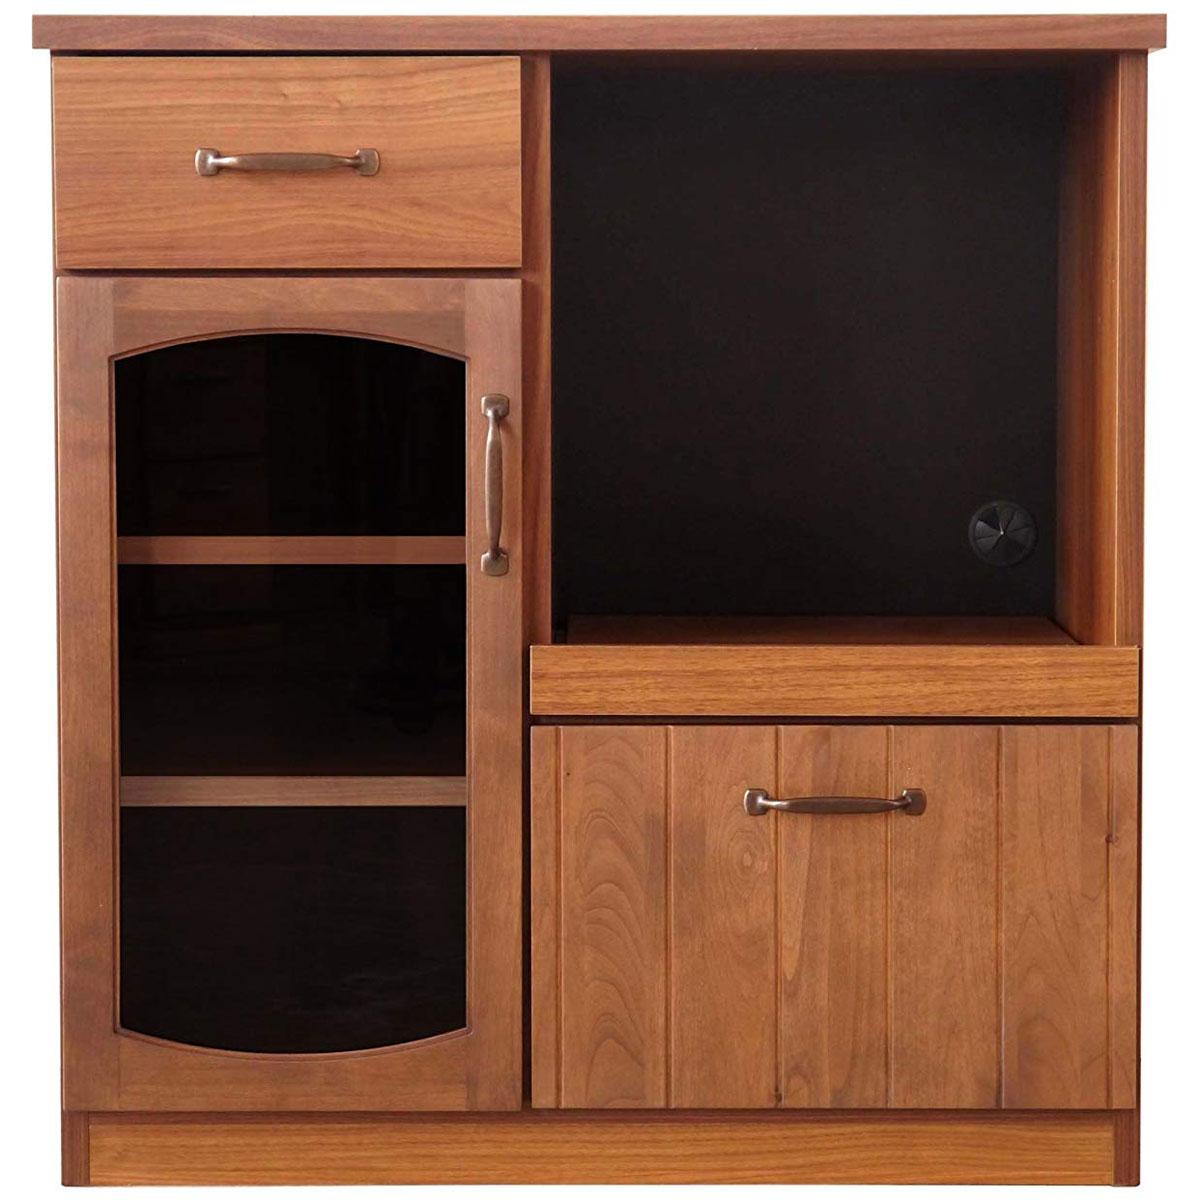 【送料無料】80 カウンター 食器棚 キッチンボード カップボード シェルフ 幅80 大型